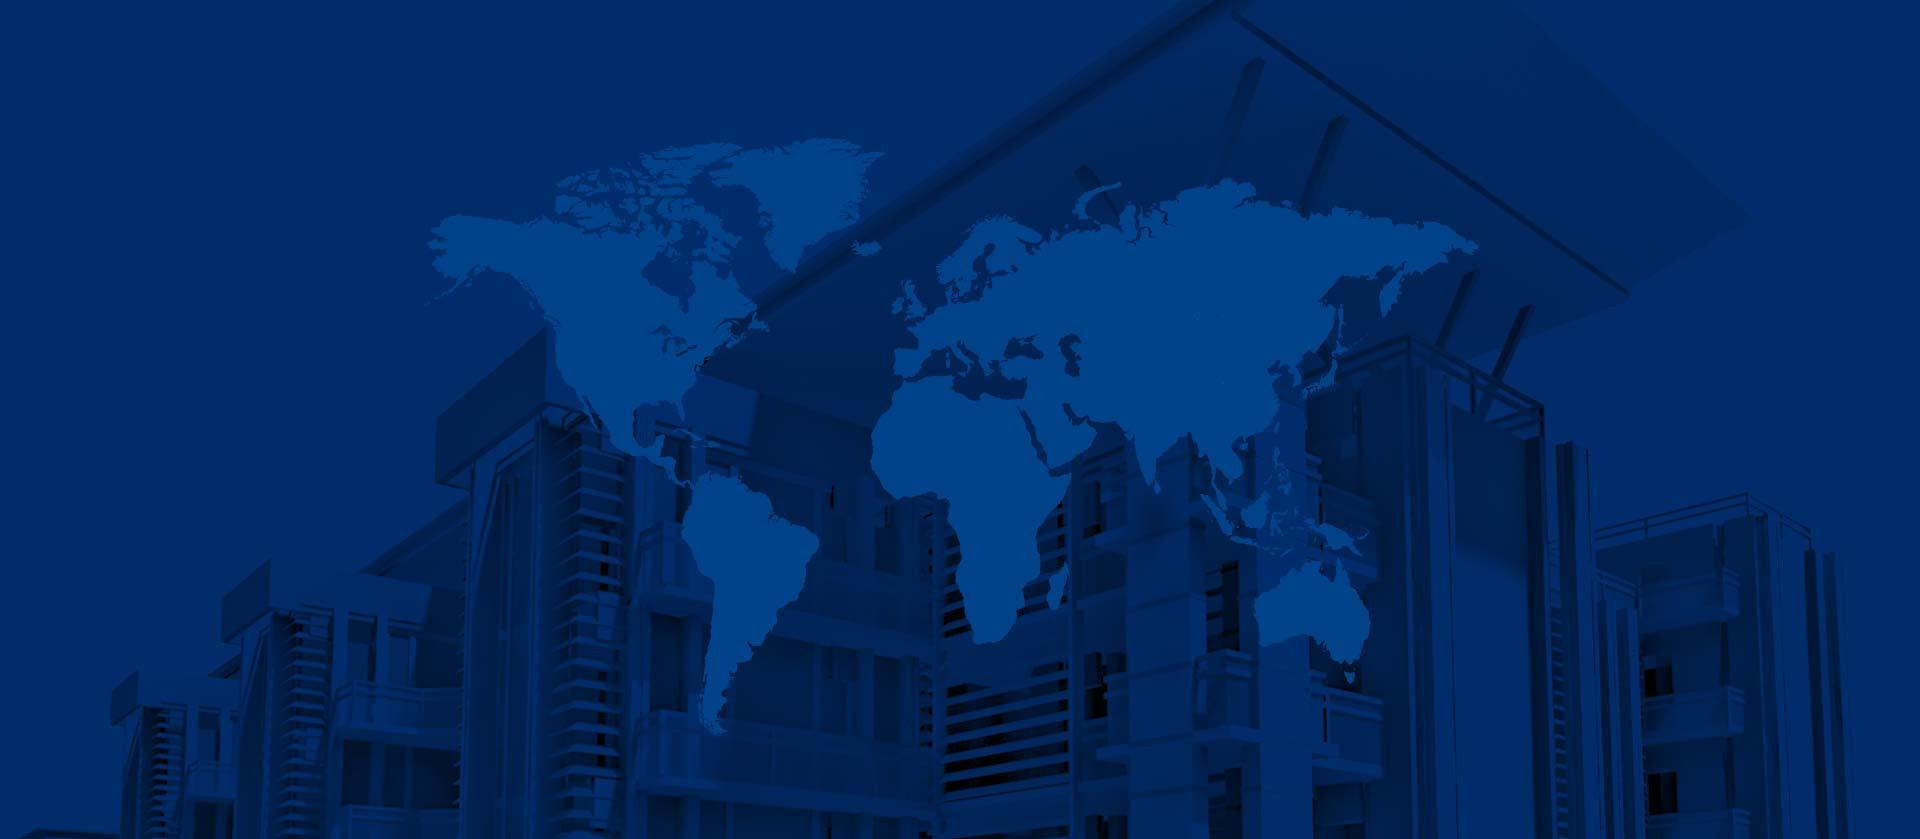 برترین ارائه دهنده خدمات مهندسی، تجهیز و راه اندازی قطعات صنایع گرافیک و کربن